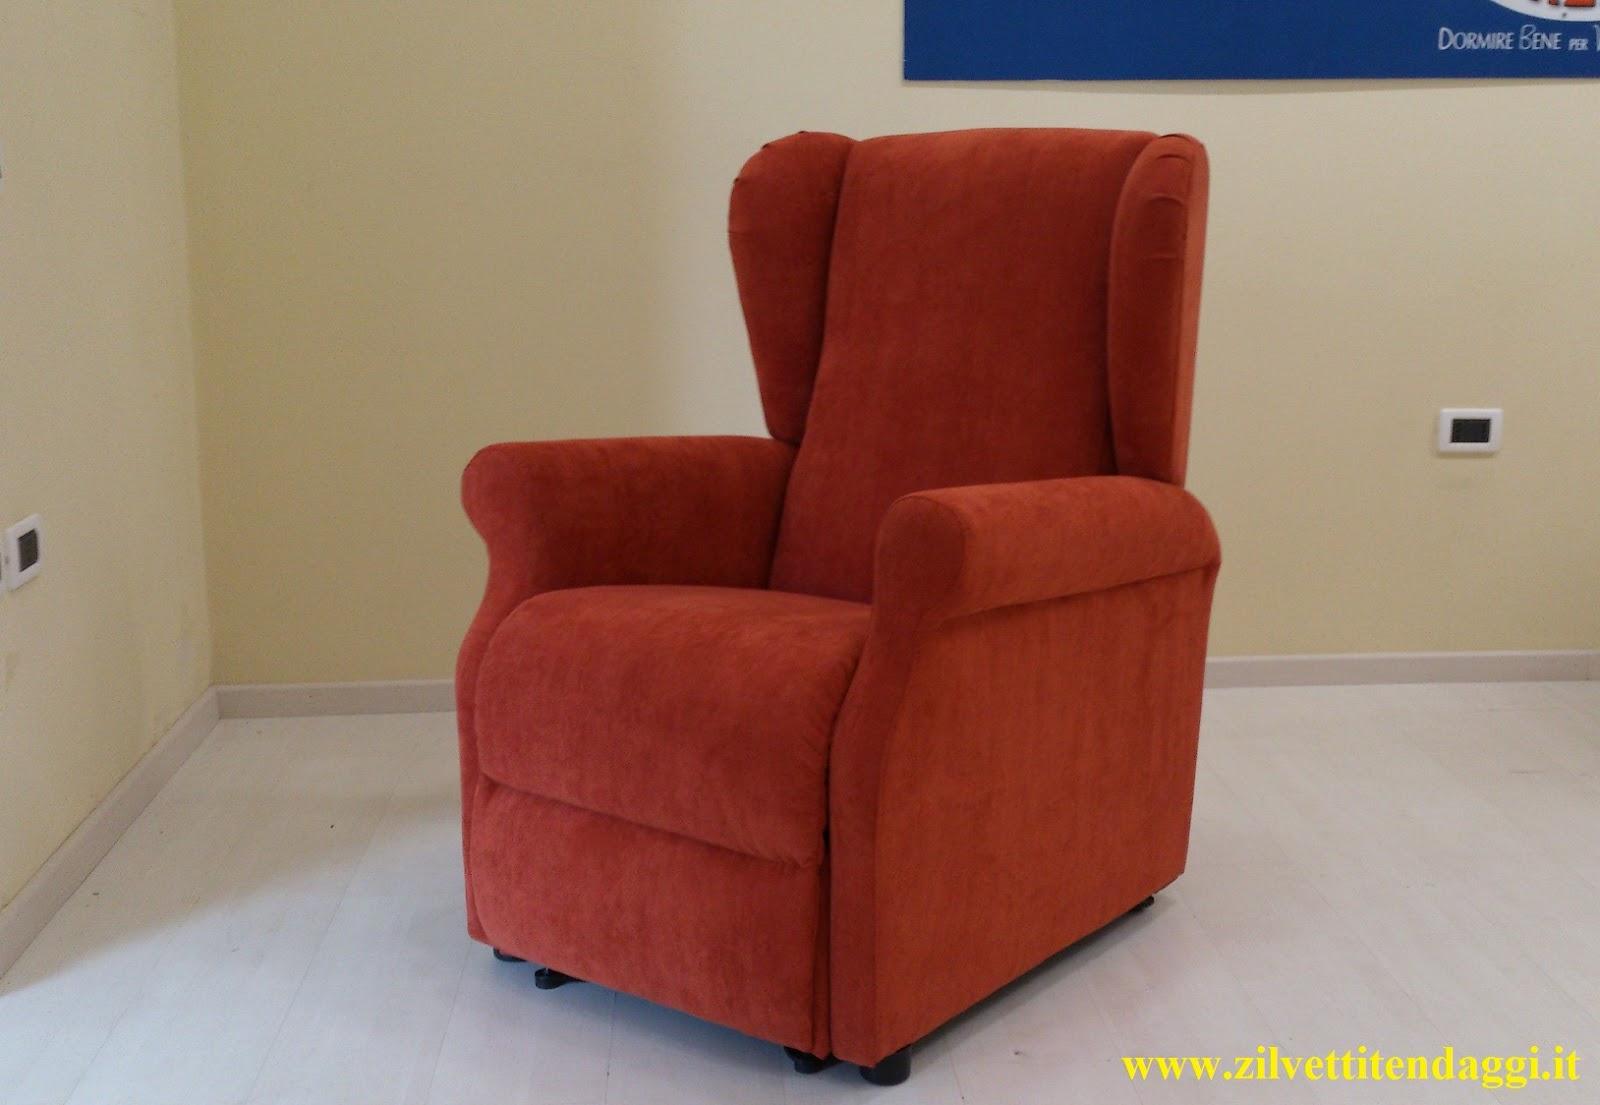 Tende materassi letti poltrone divani zilvetti tendaggi - Ikea poltrone relax elettriche ...